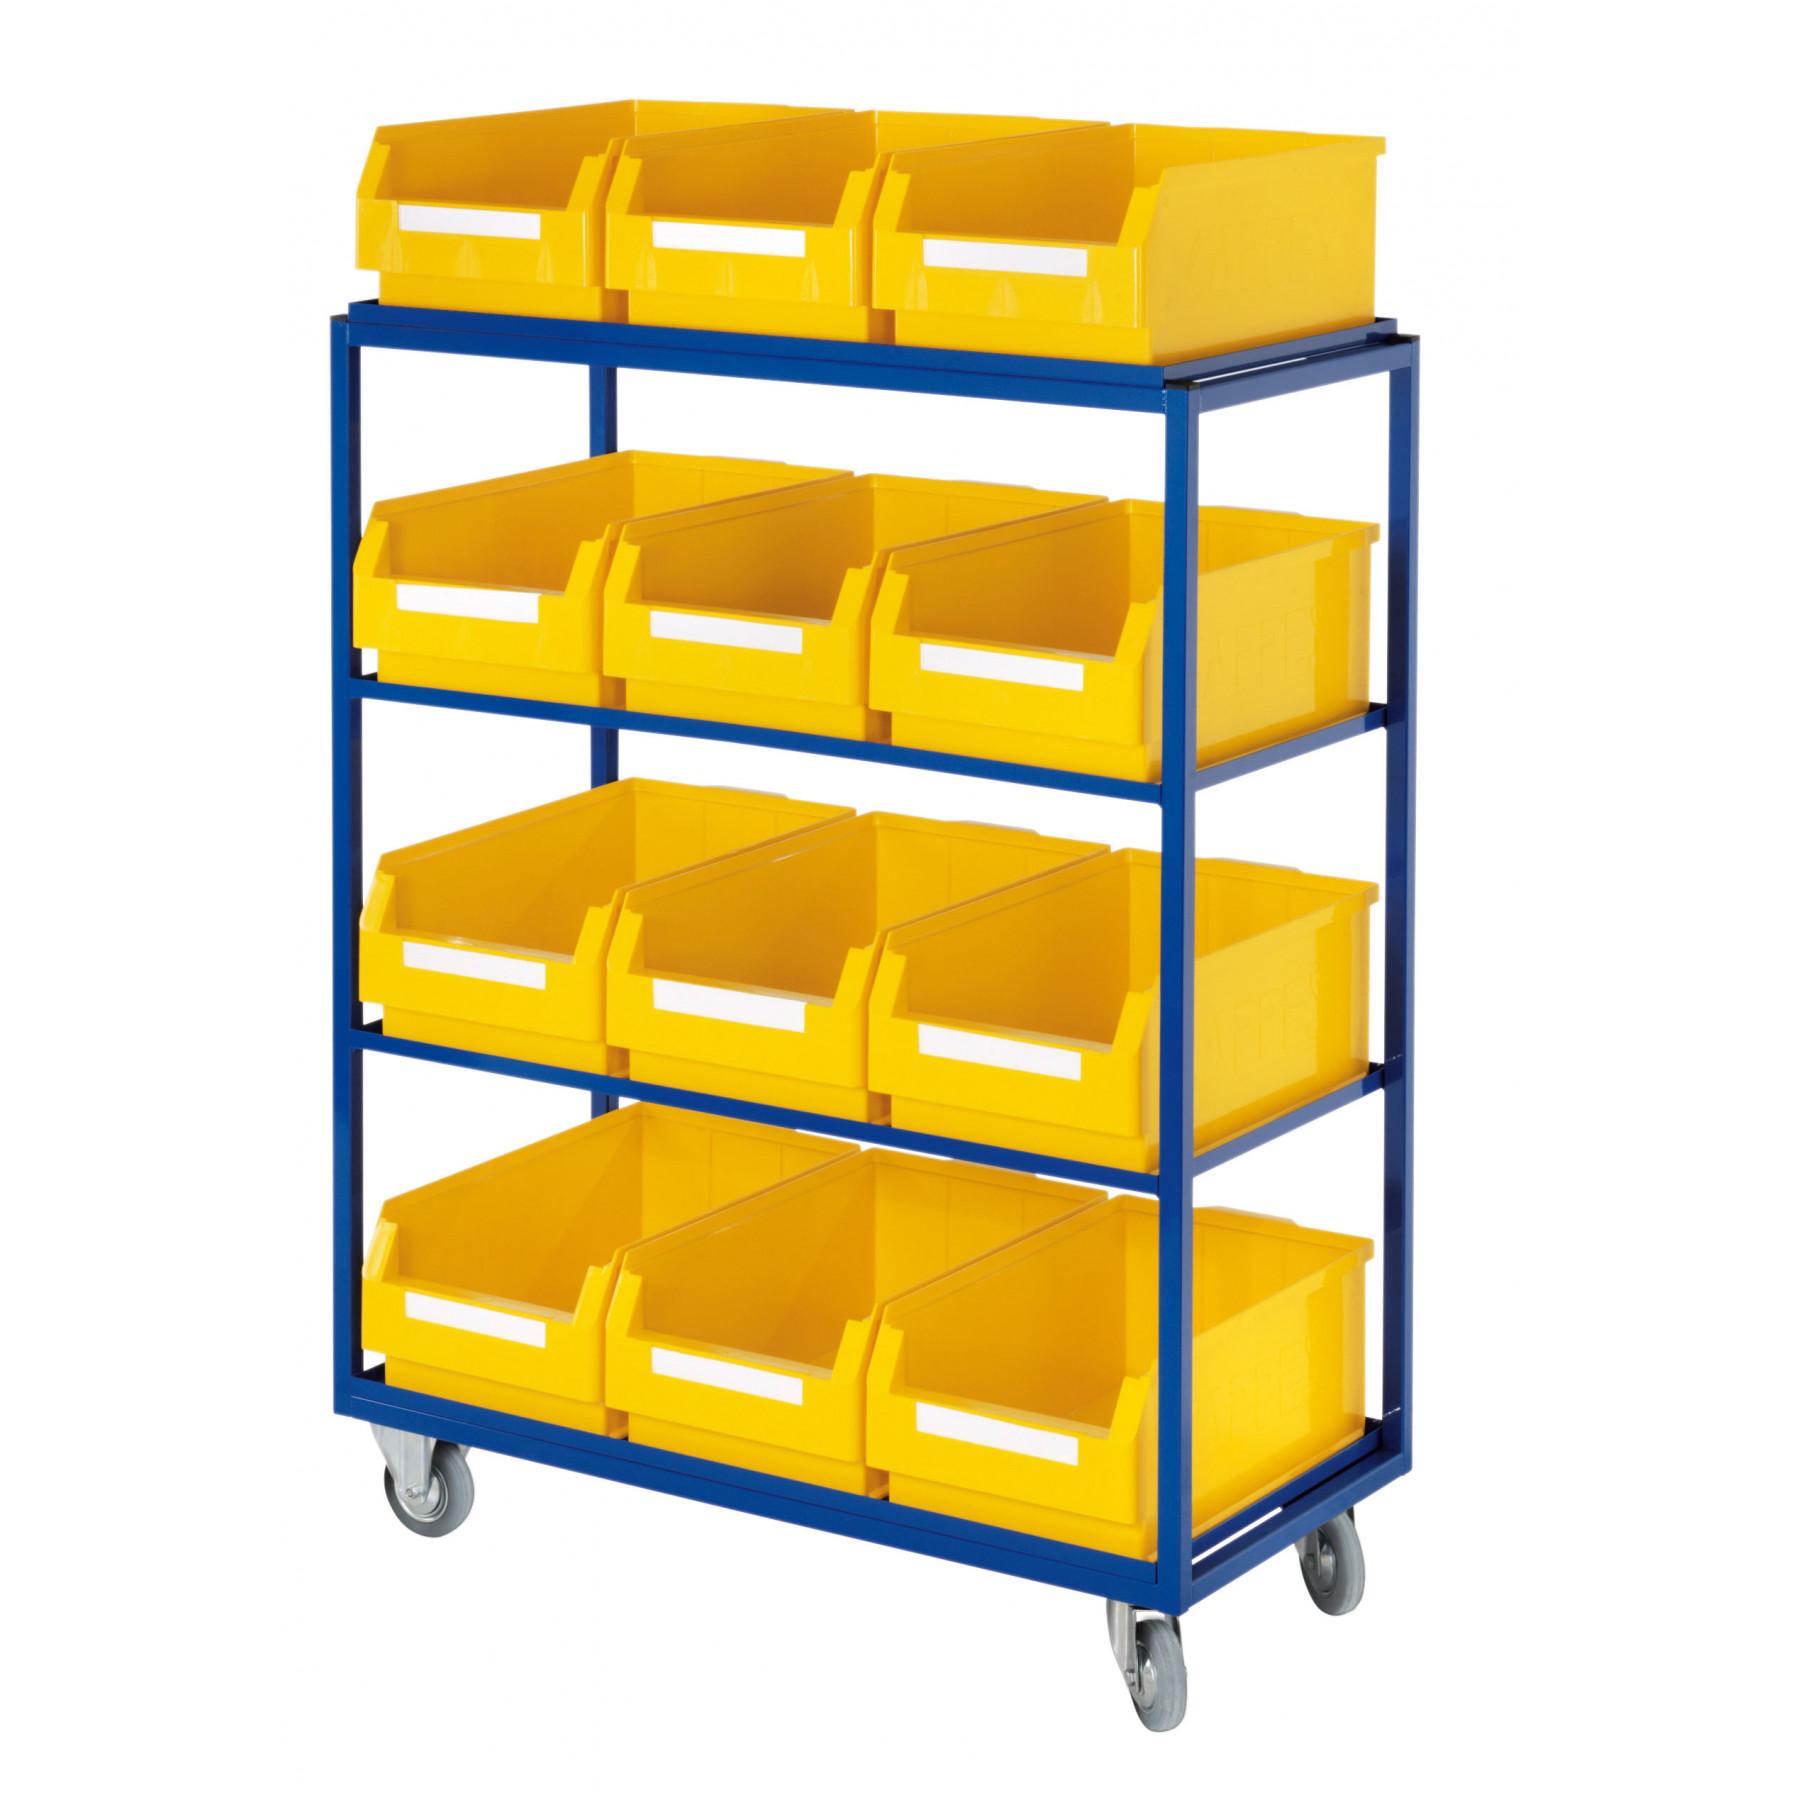 ®RasterPlan orderpickwagen met 4 rechte legborden en 12 magazijnbakken, 7707.02.0121